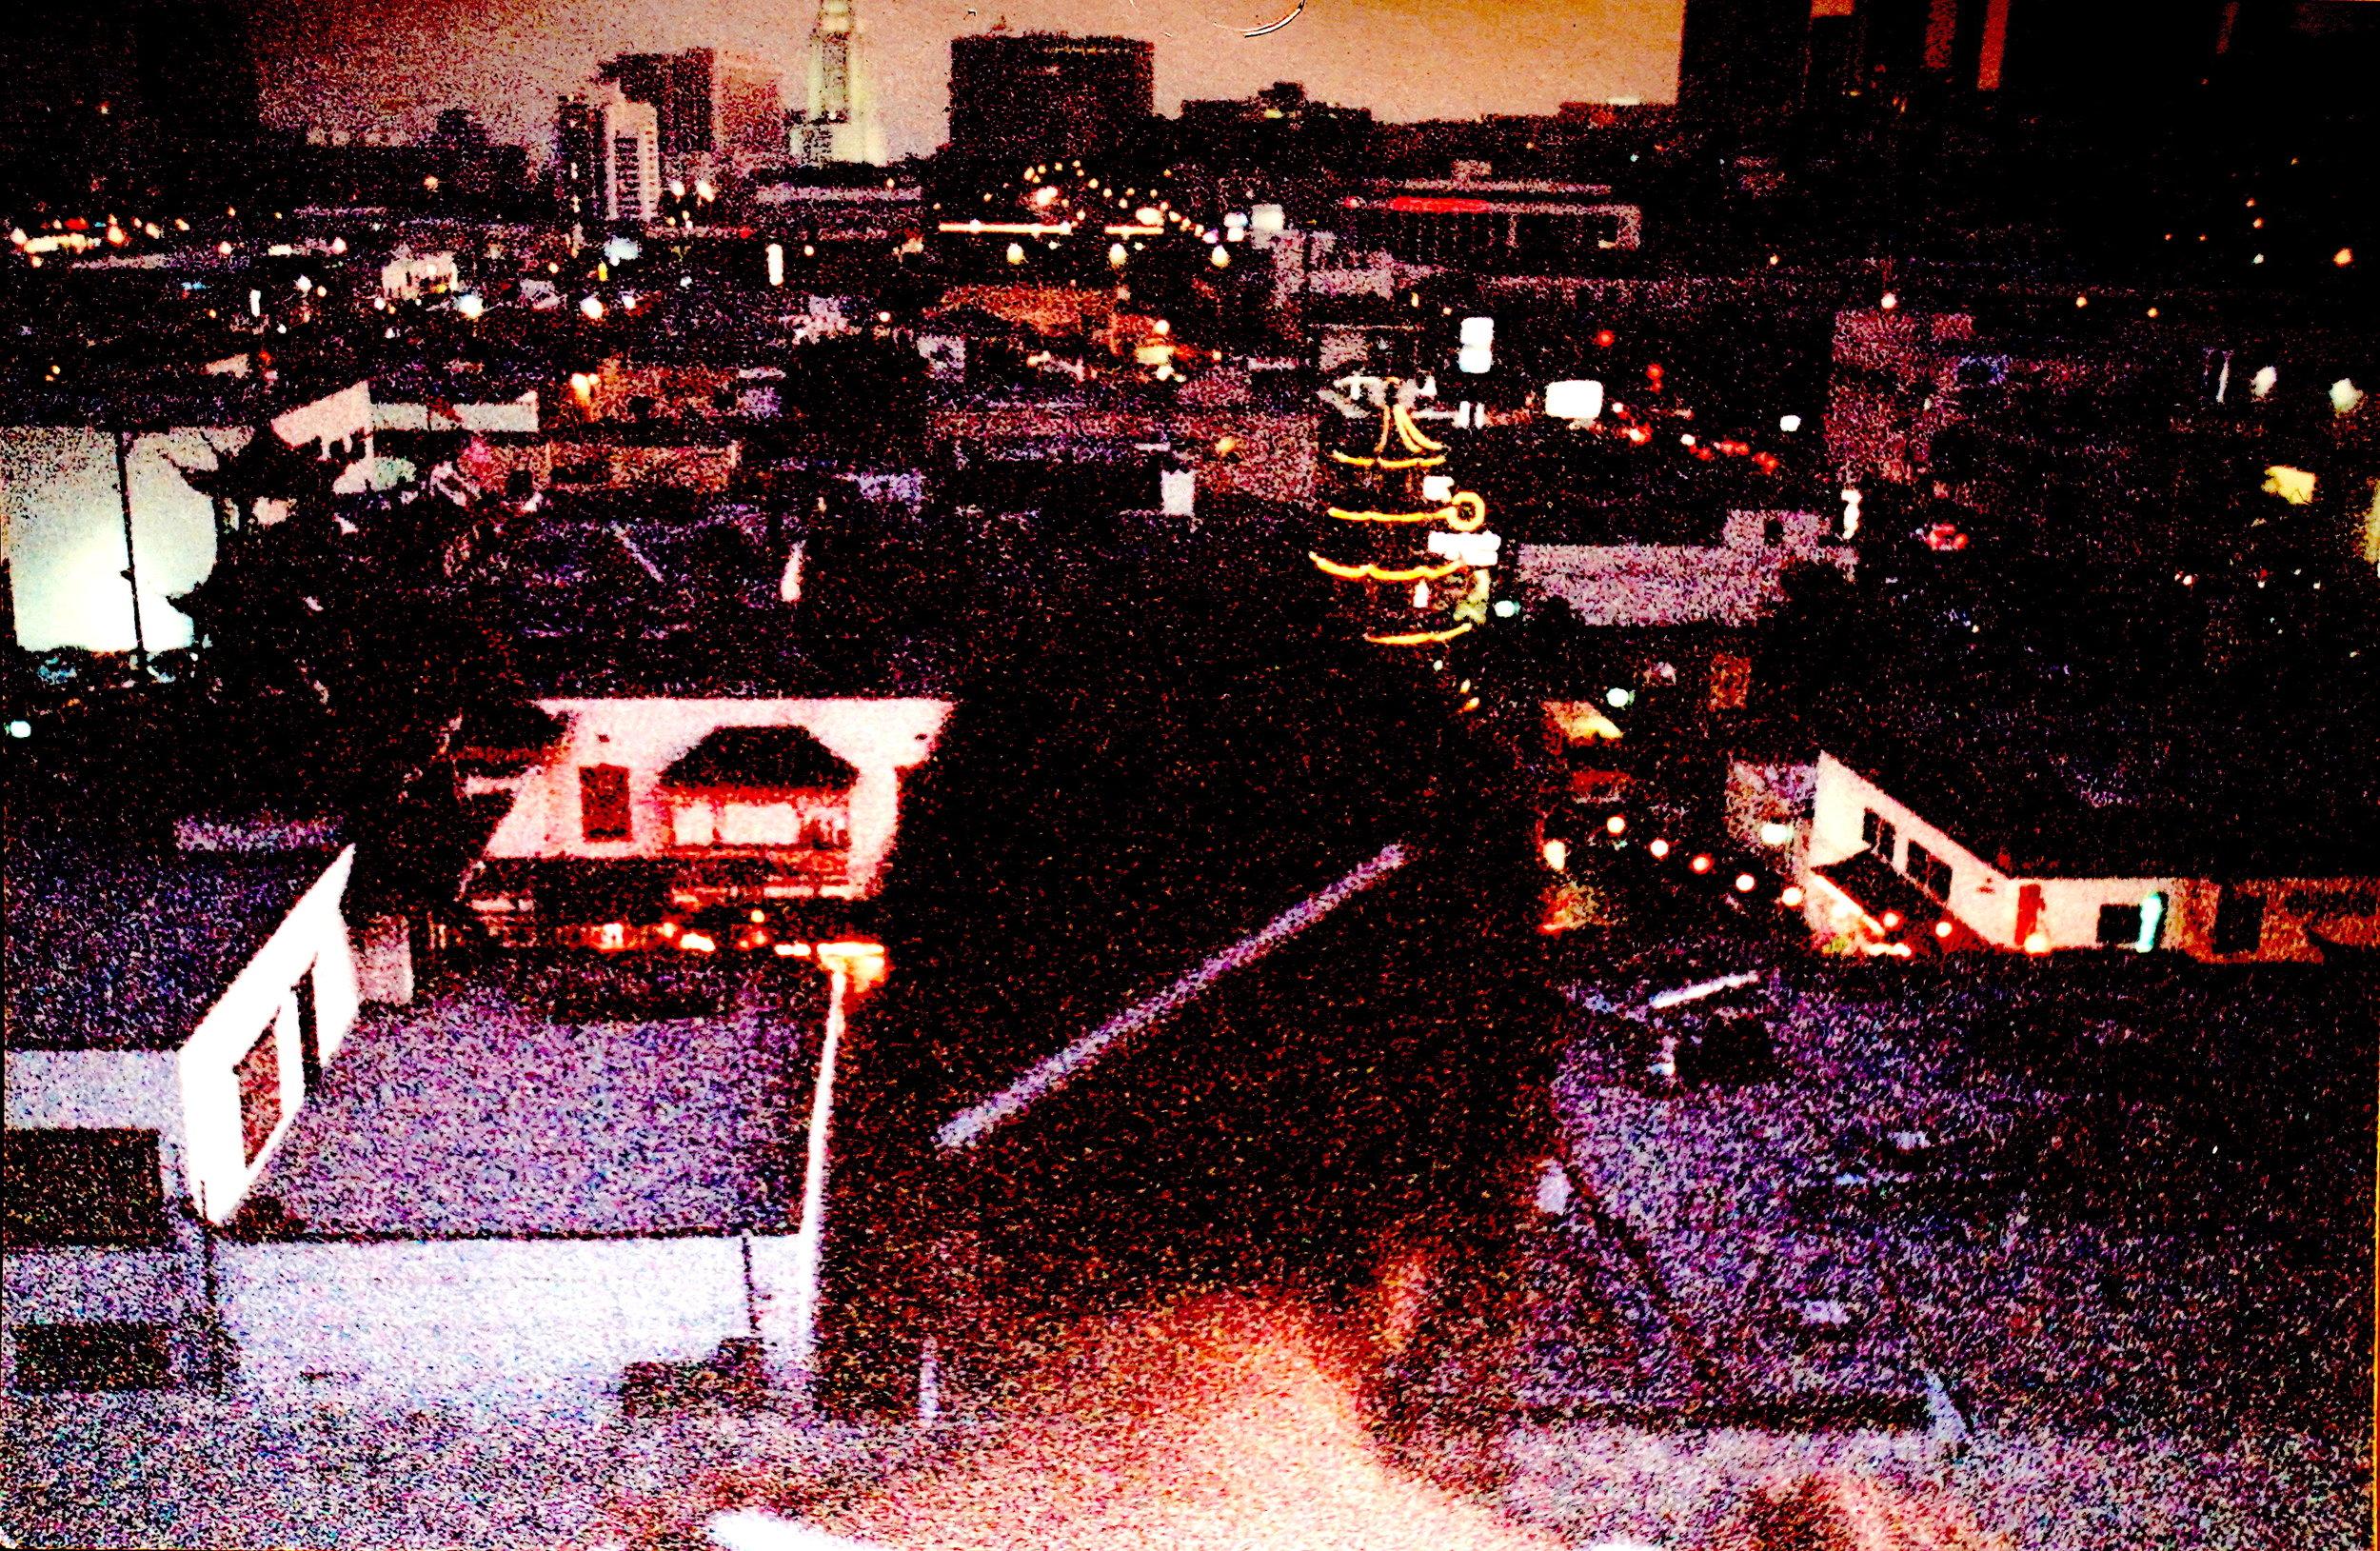 YUKO OVER CHINATOWN (2004)